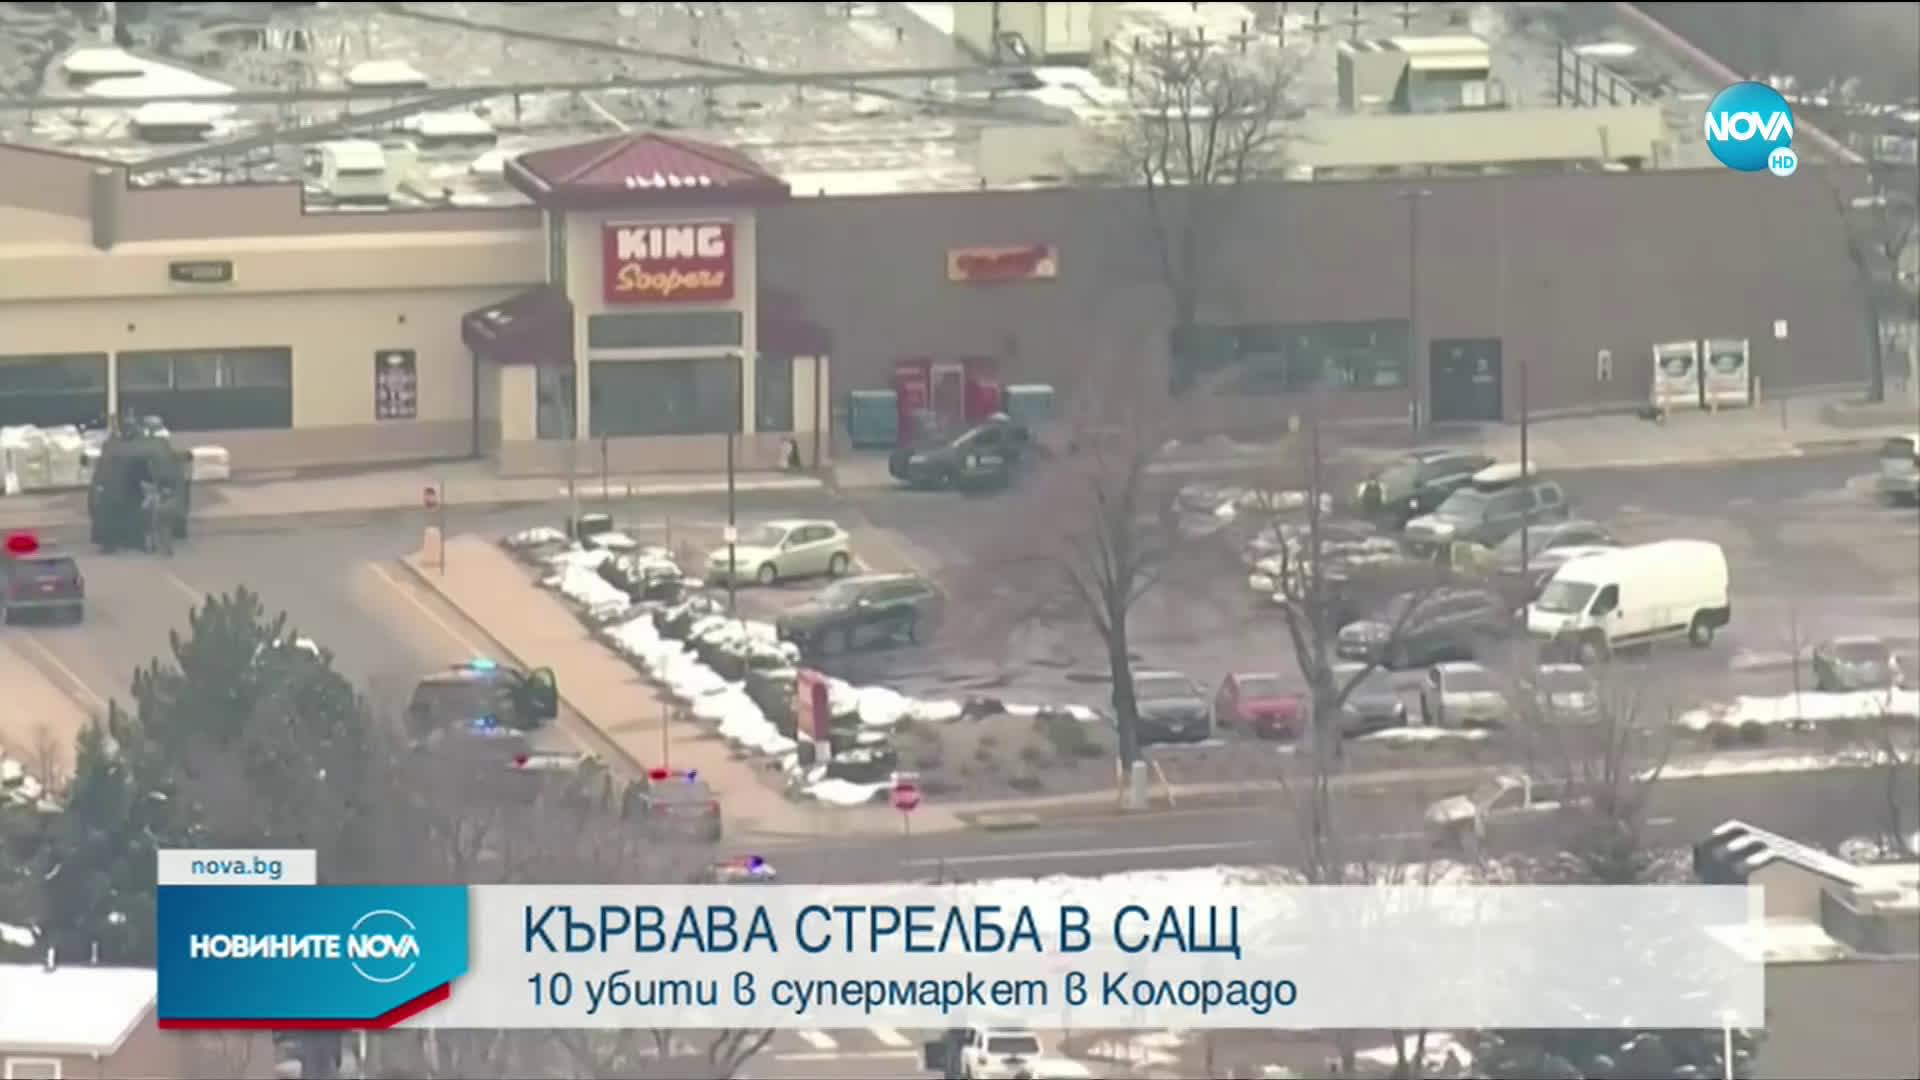 Въоръжен откри стрелба в супермаркет в Колорадо, има жертви